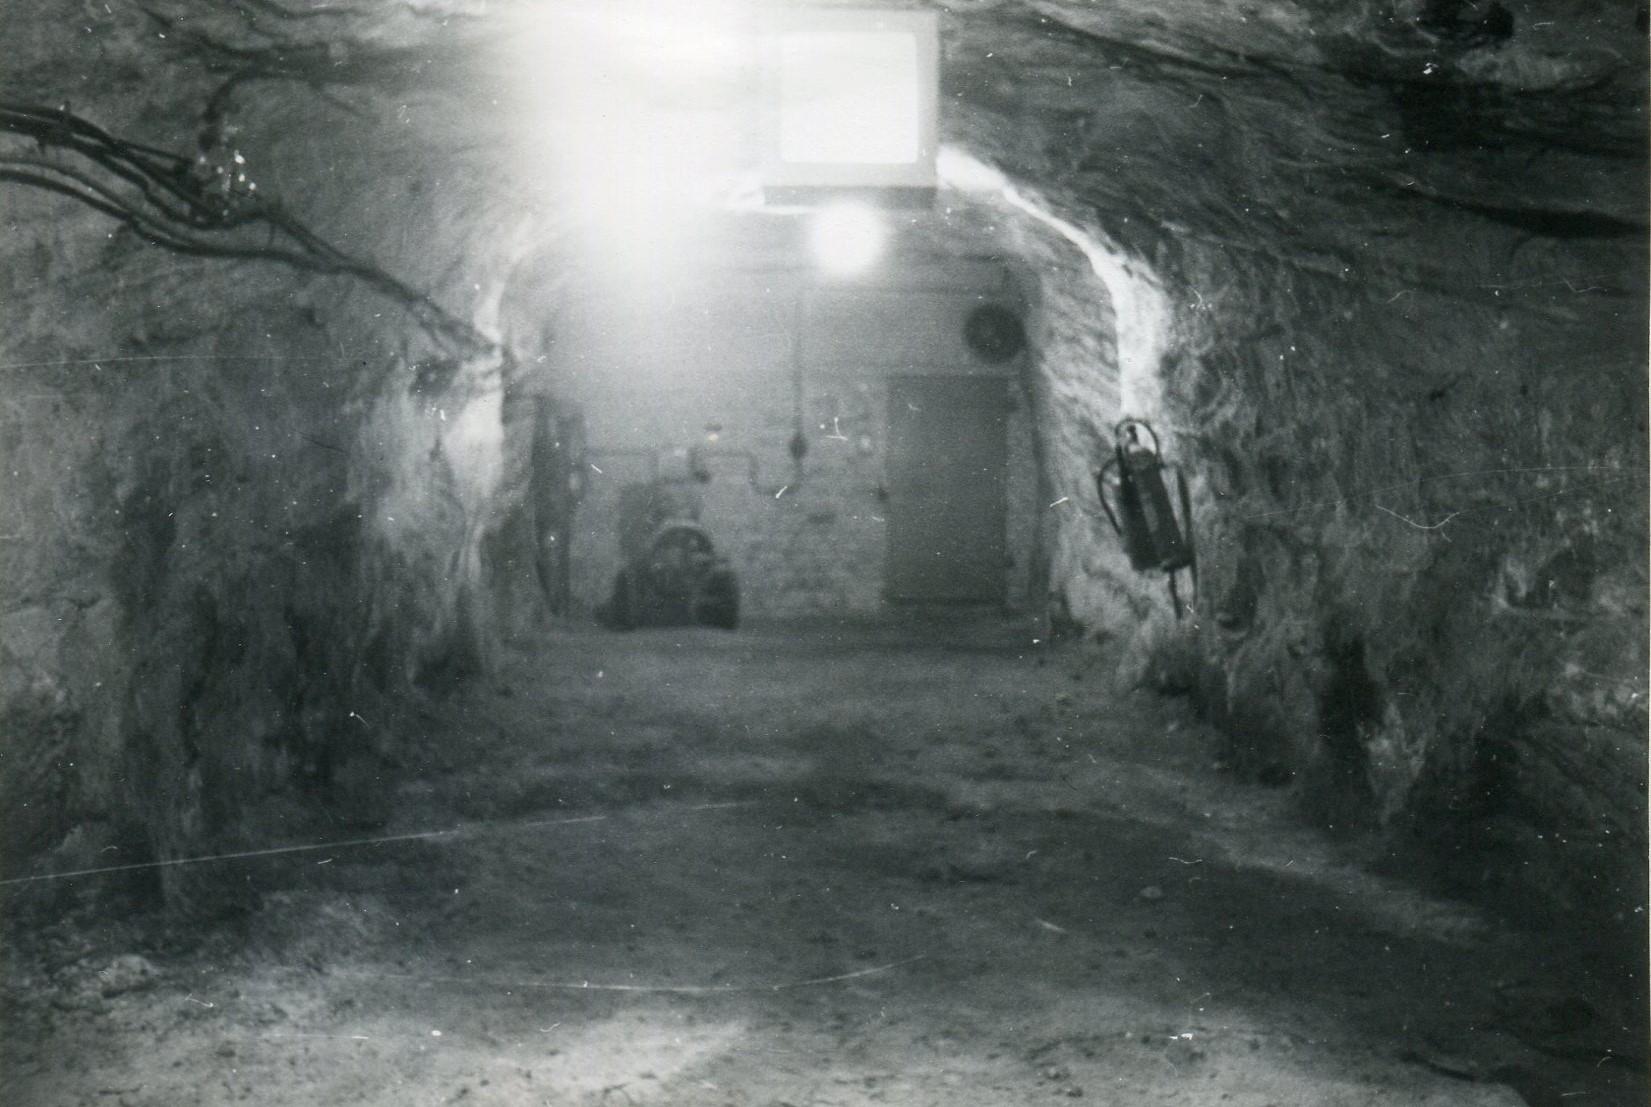 Eingang zum Gerätestützpunkt in der Grube Kleinbodungen